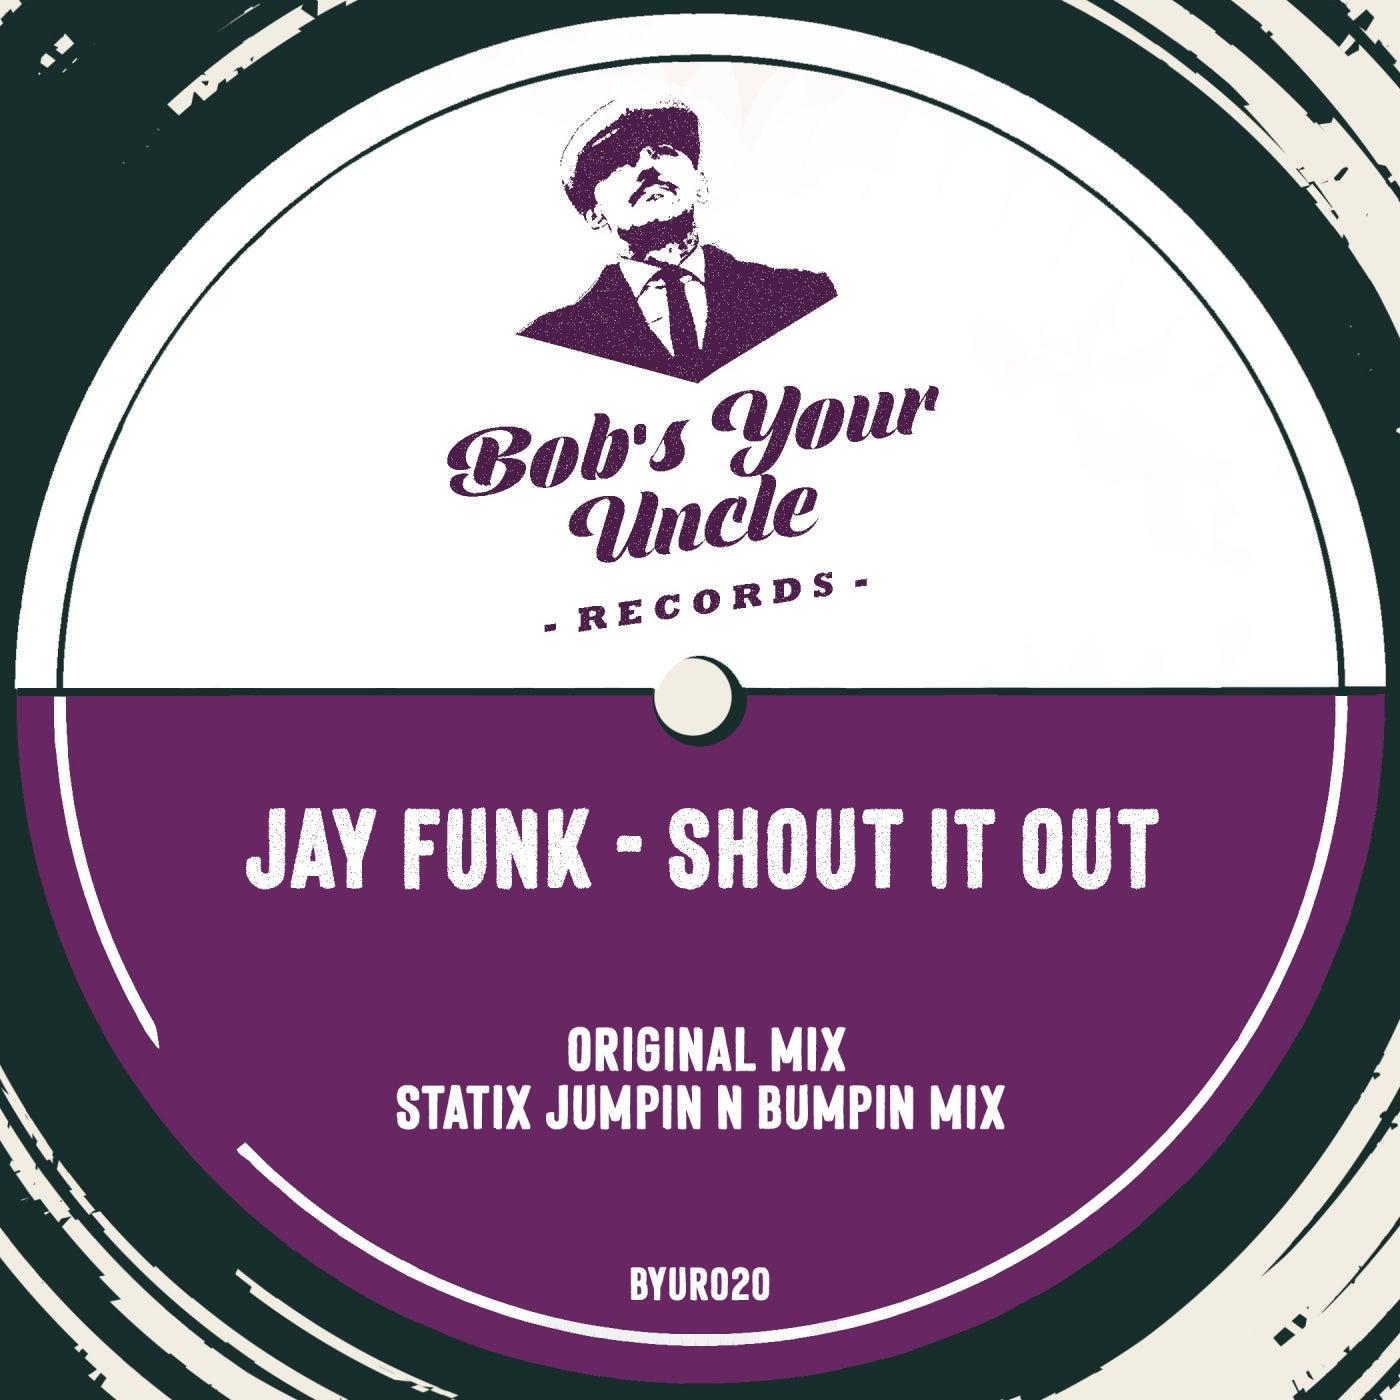 Shout It Out (Statix Jumpin N Bumpin Mix)